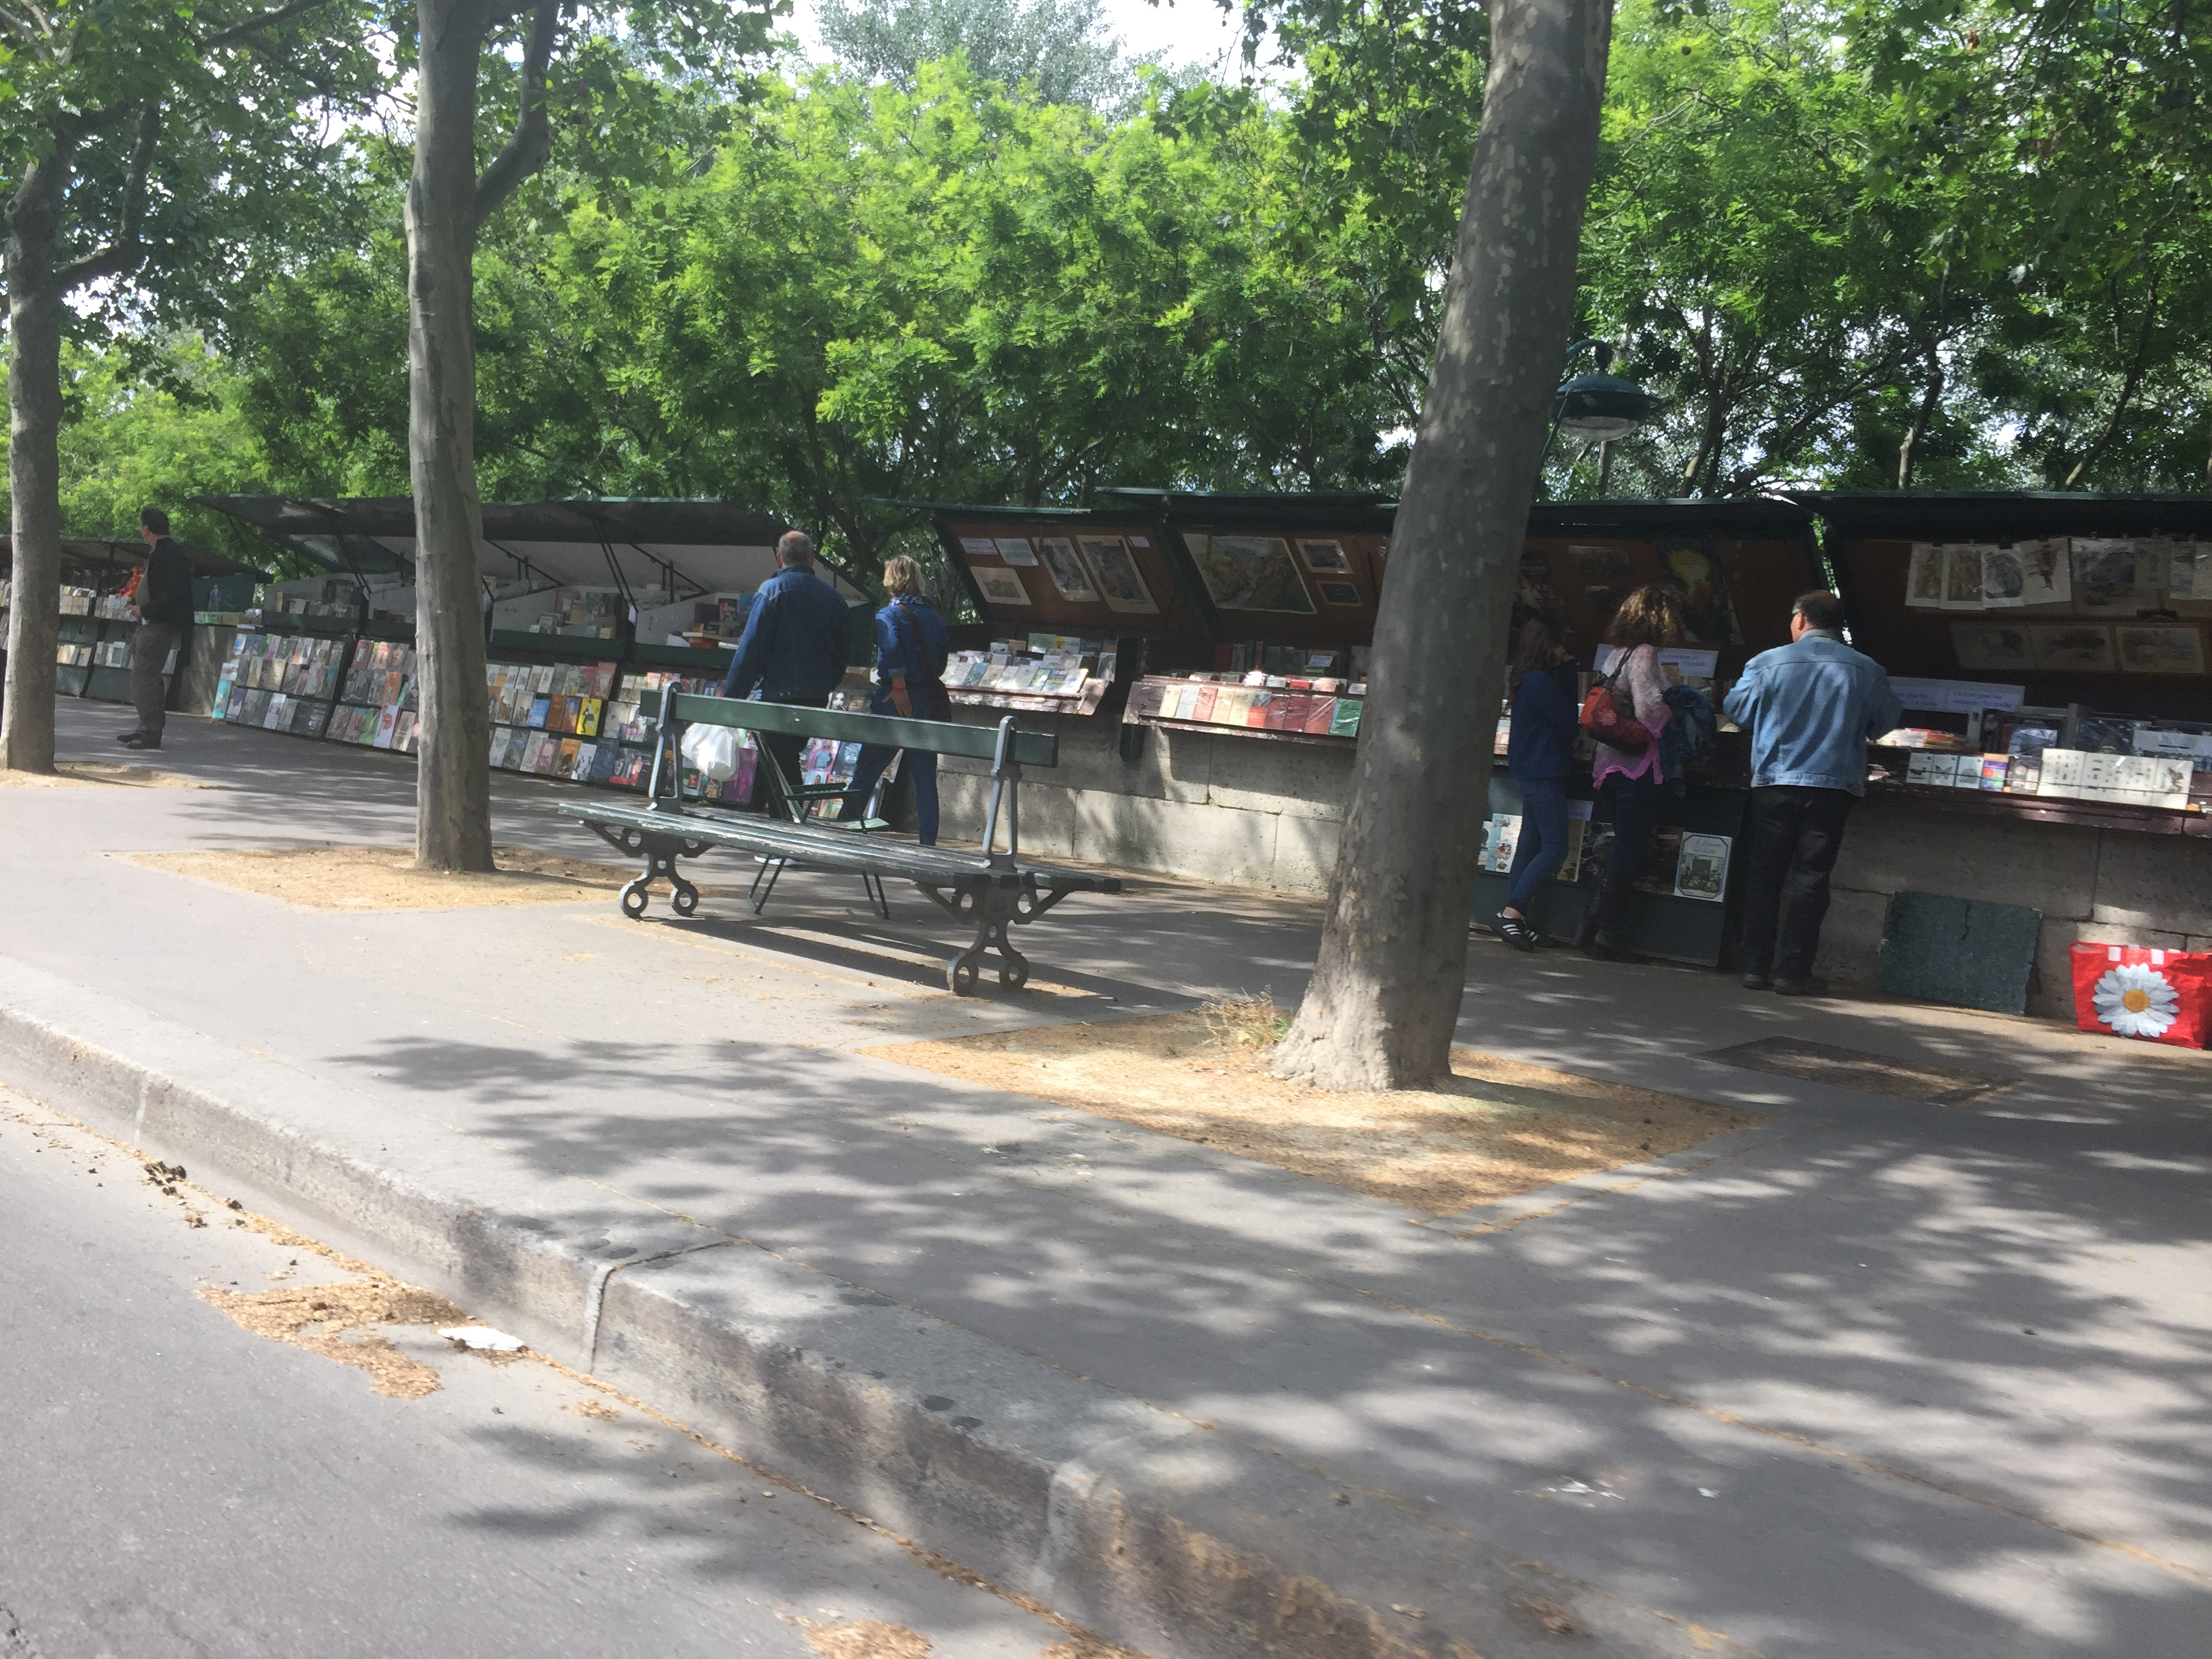 Paris - Book Stalls - Tom